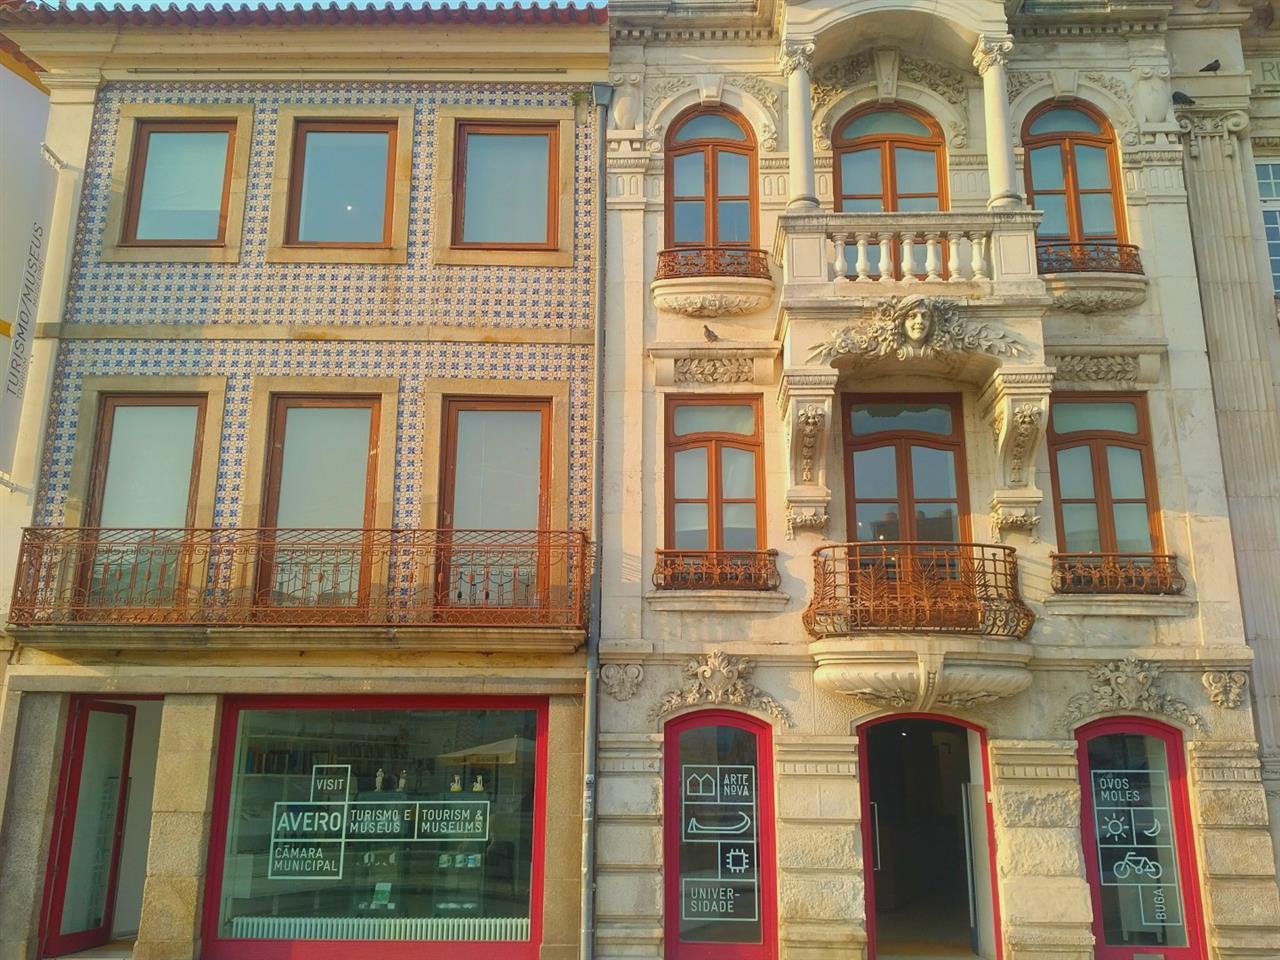 Aveiro City Museum building